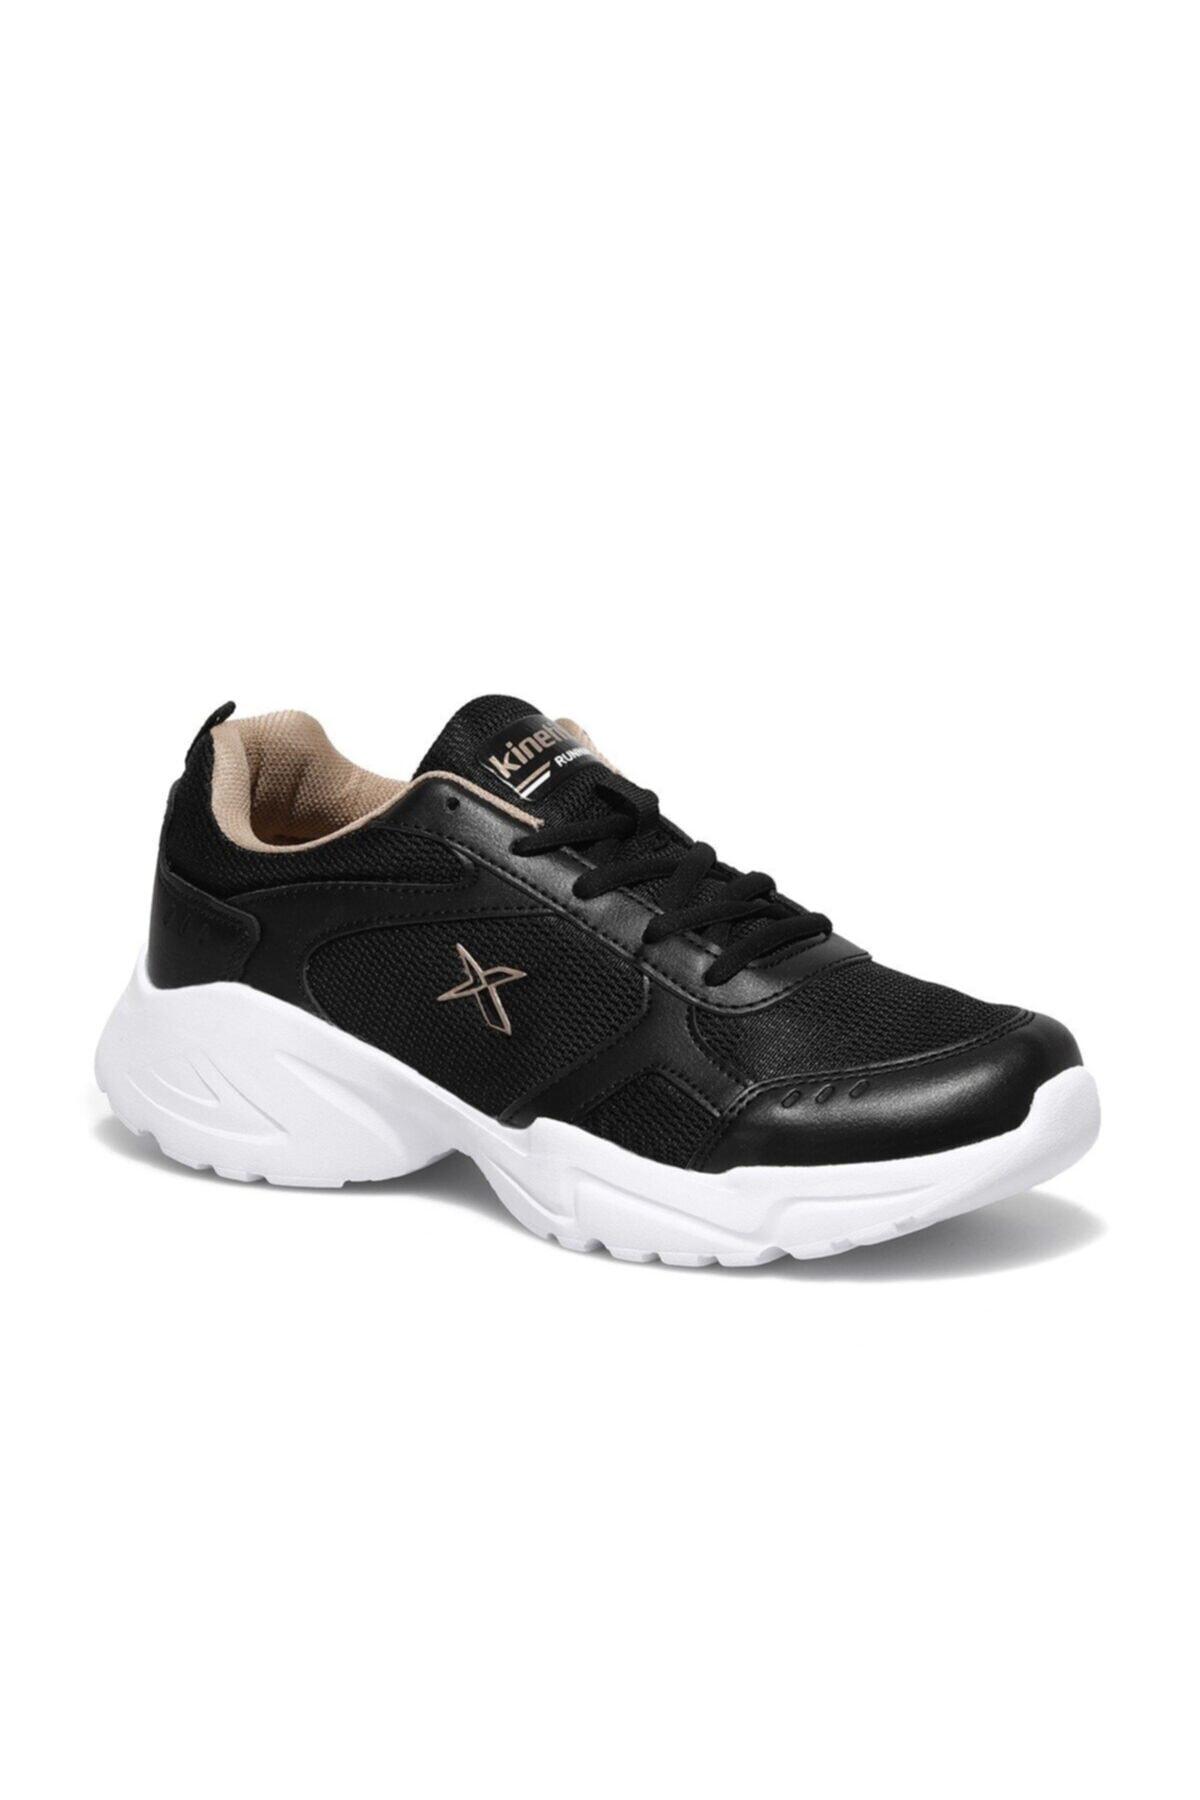 Camılla W 1fx Siyah Kadın Sneaker Ayakkabı